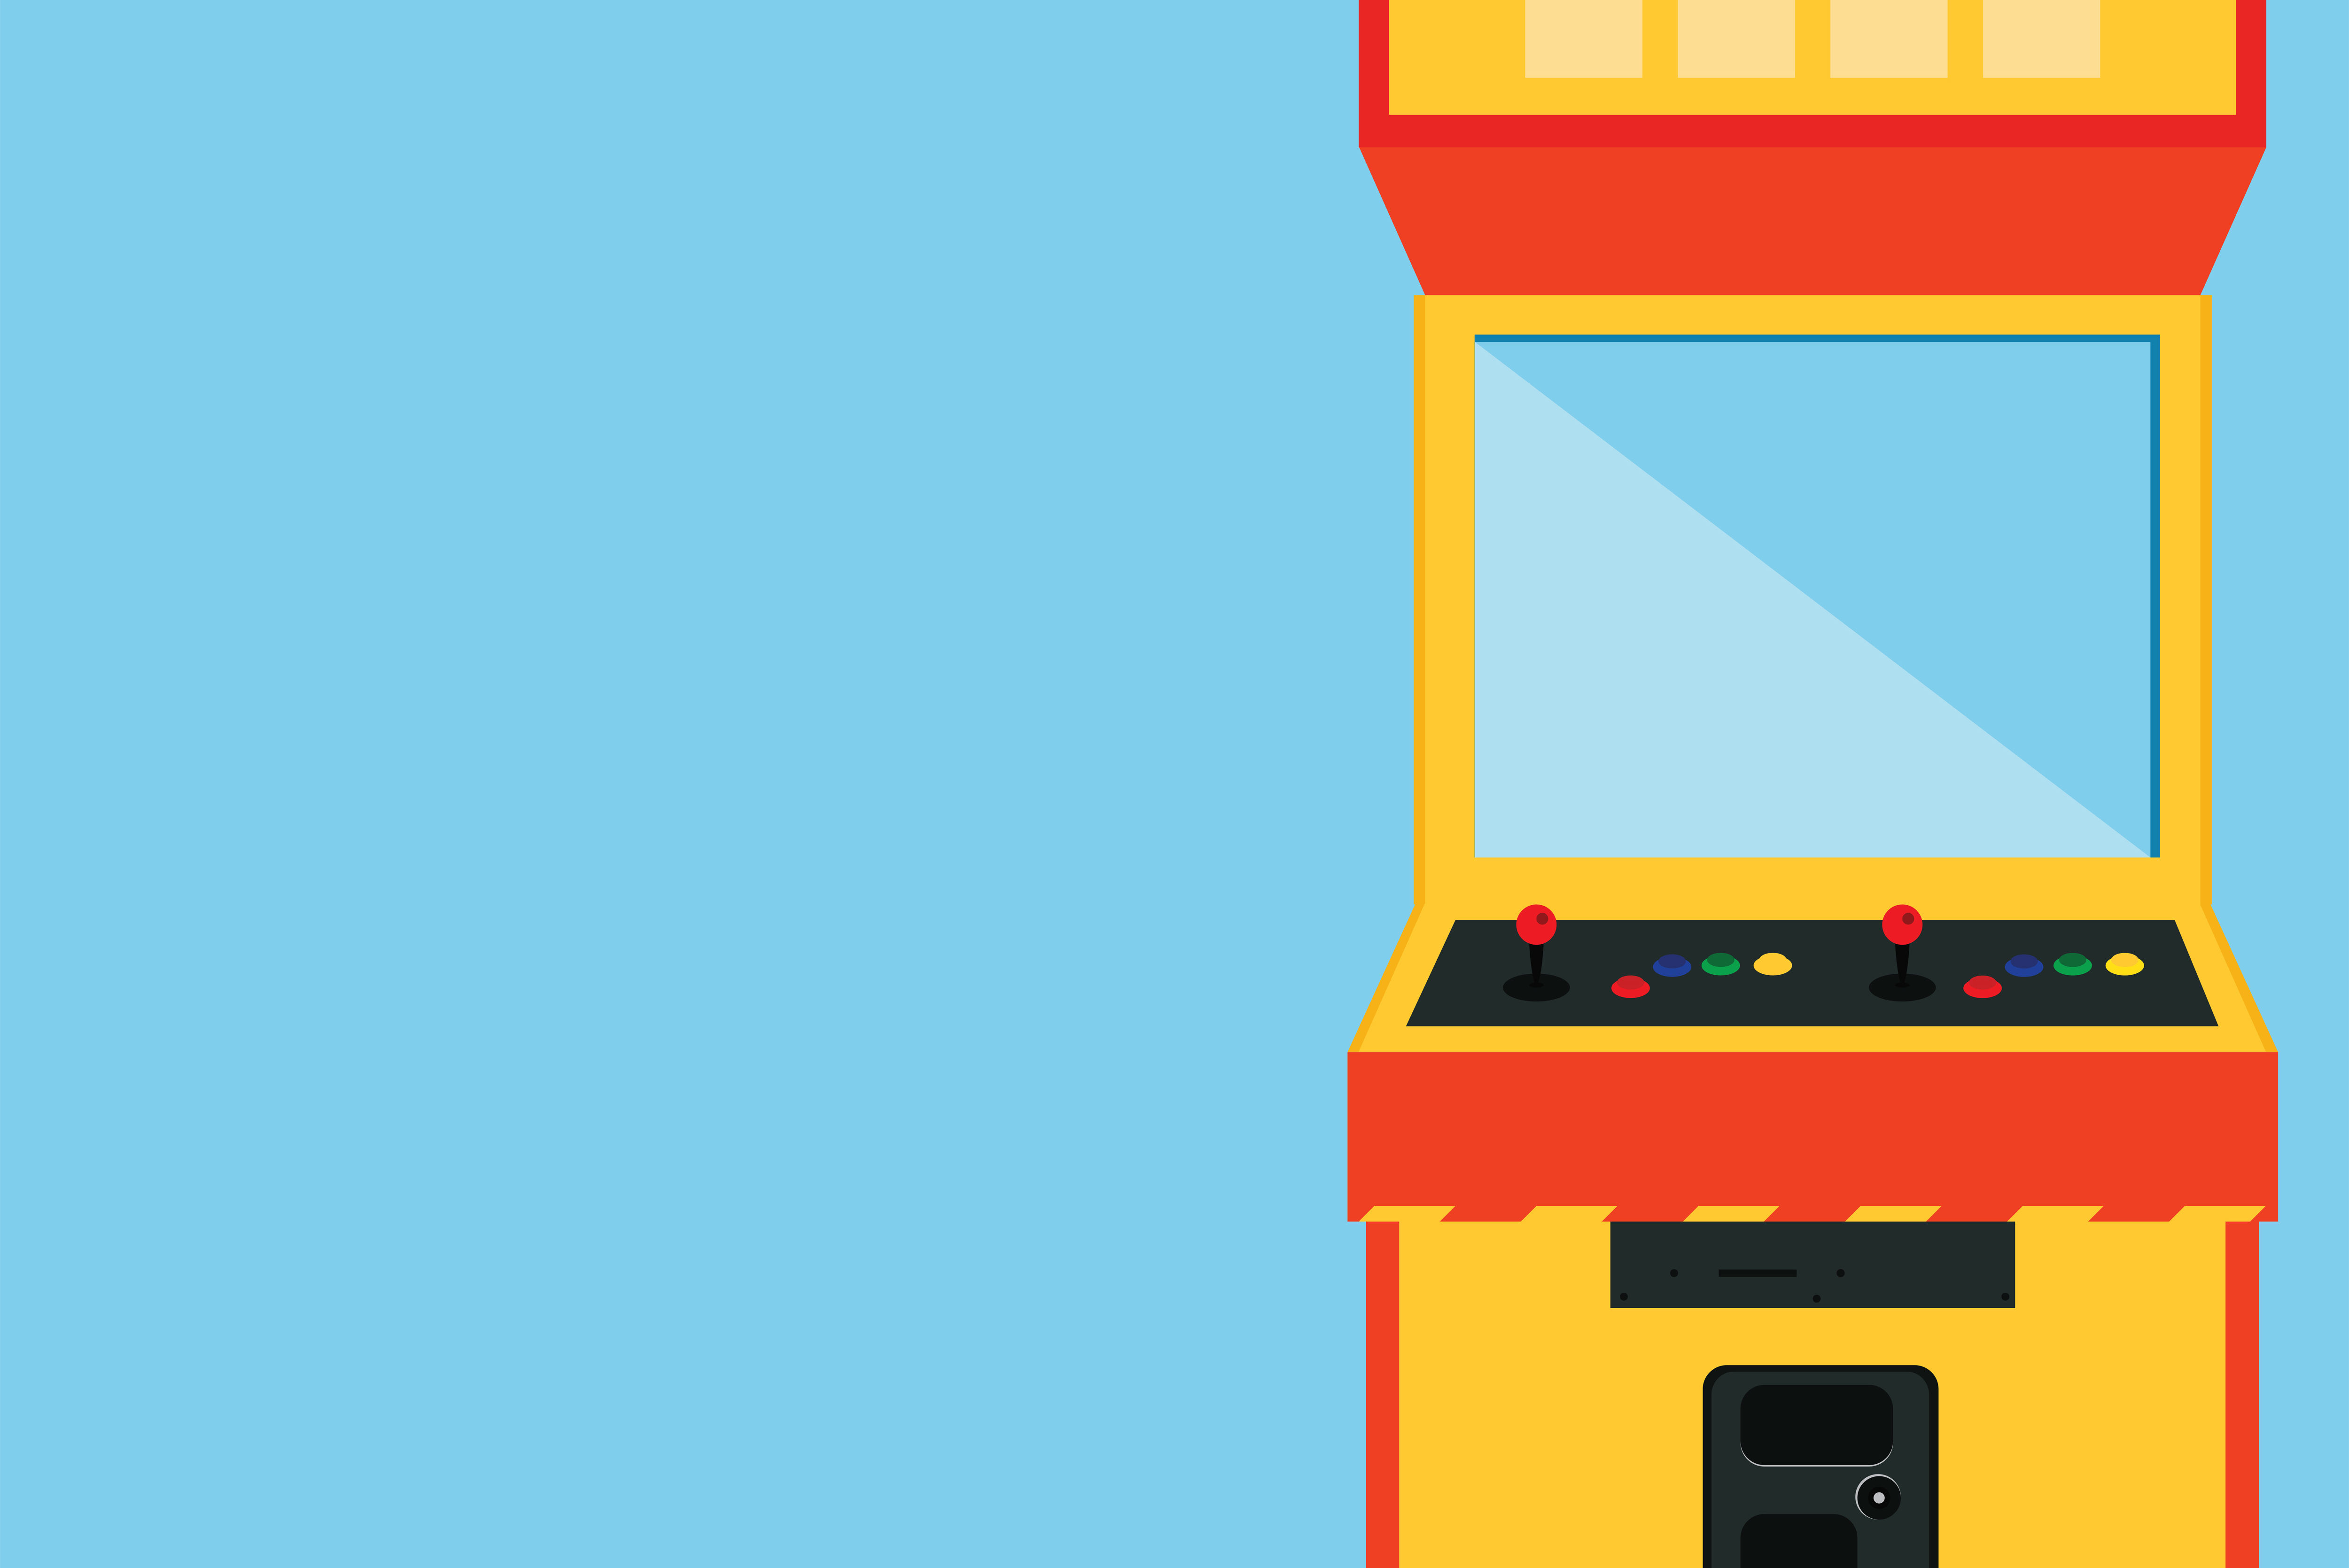 Pomo 0816 arcade pqv74a